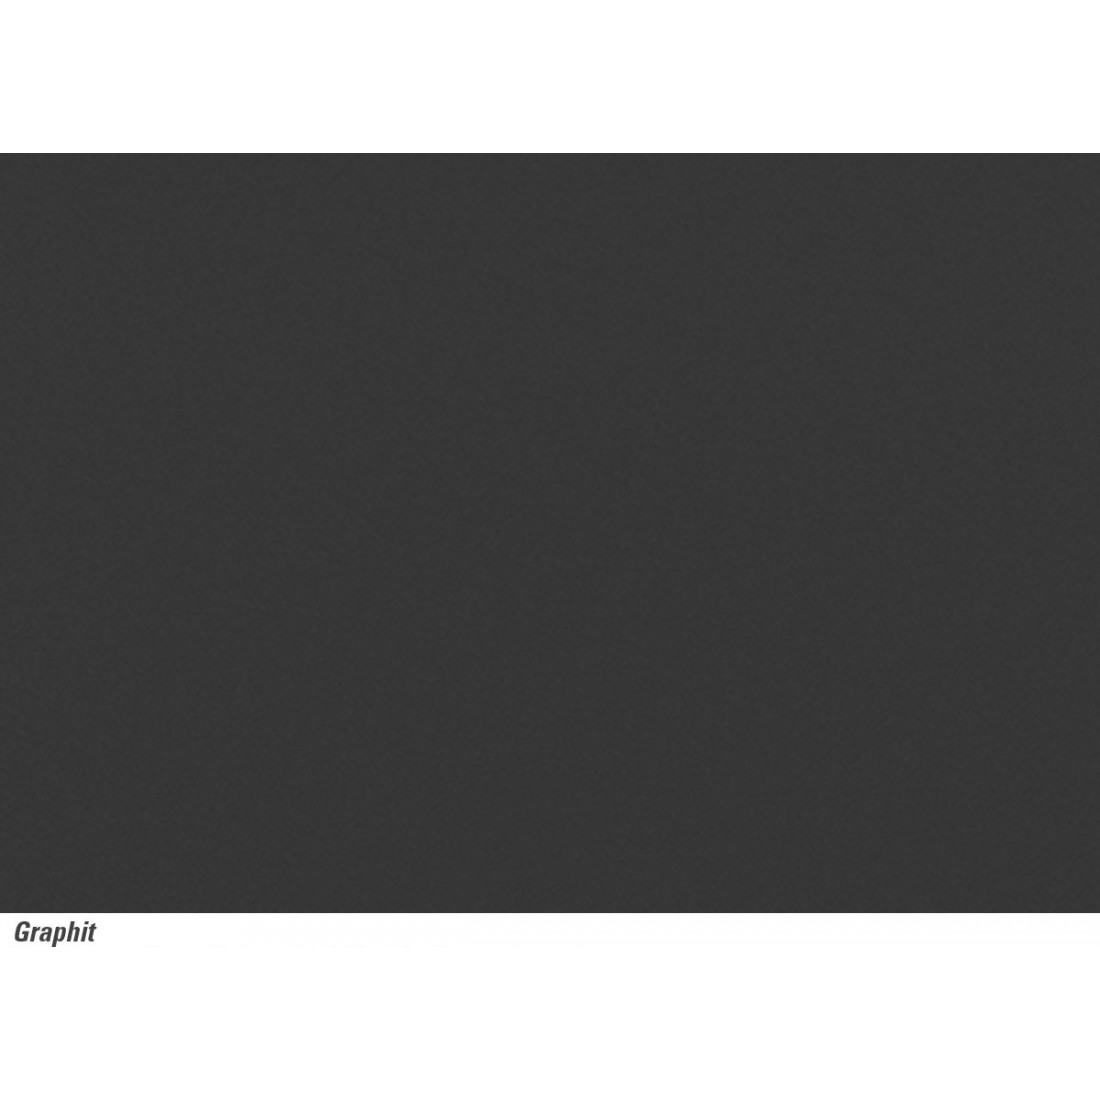 Keraminė plautuvė Franke Mythos, MTK 610-58, Graphit, 2 išgręžtos skylės